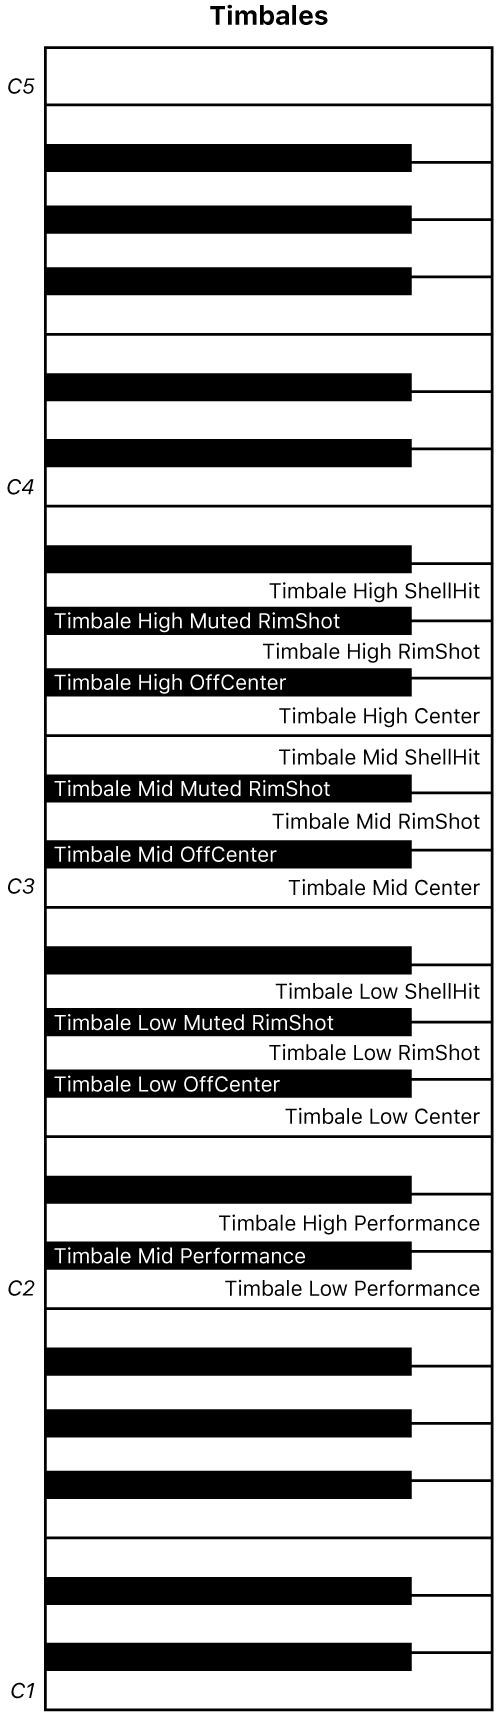 Kuva. Timbales-esityskoskettimistokartta.